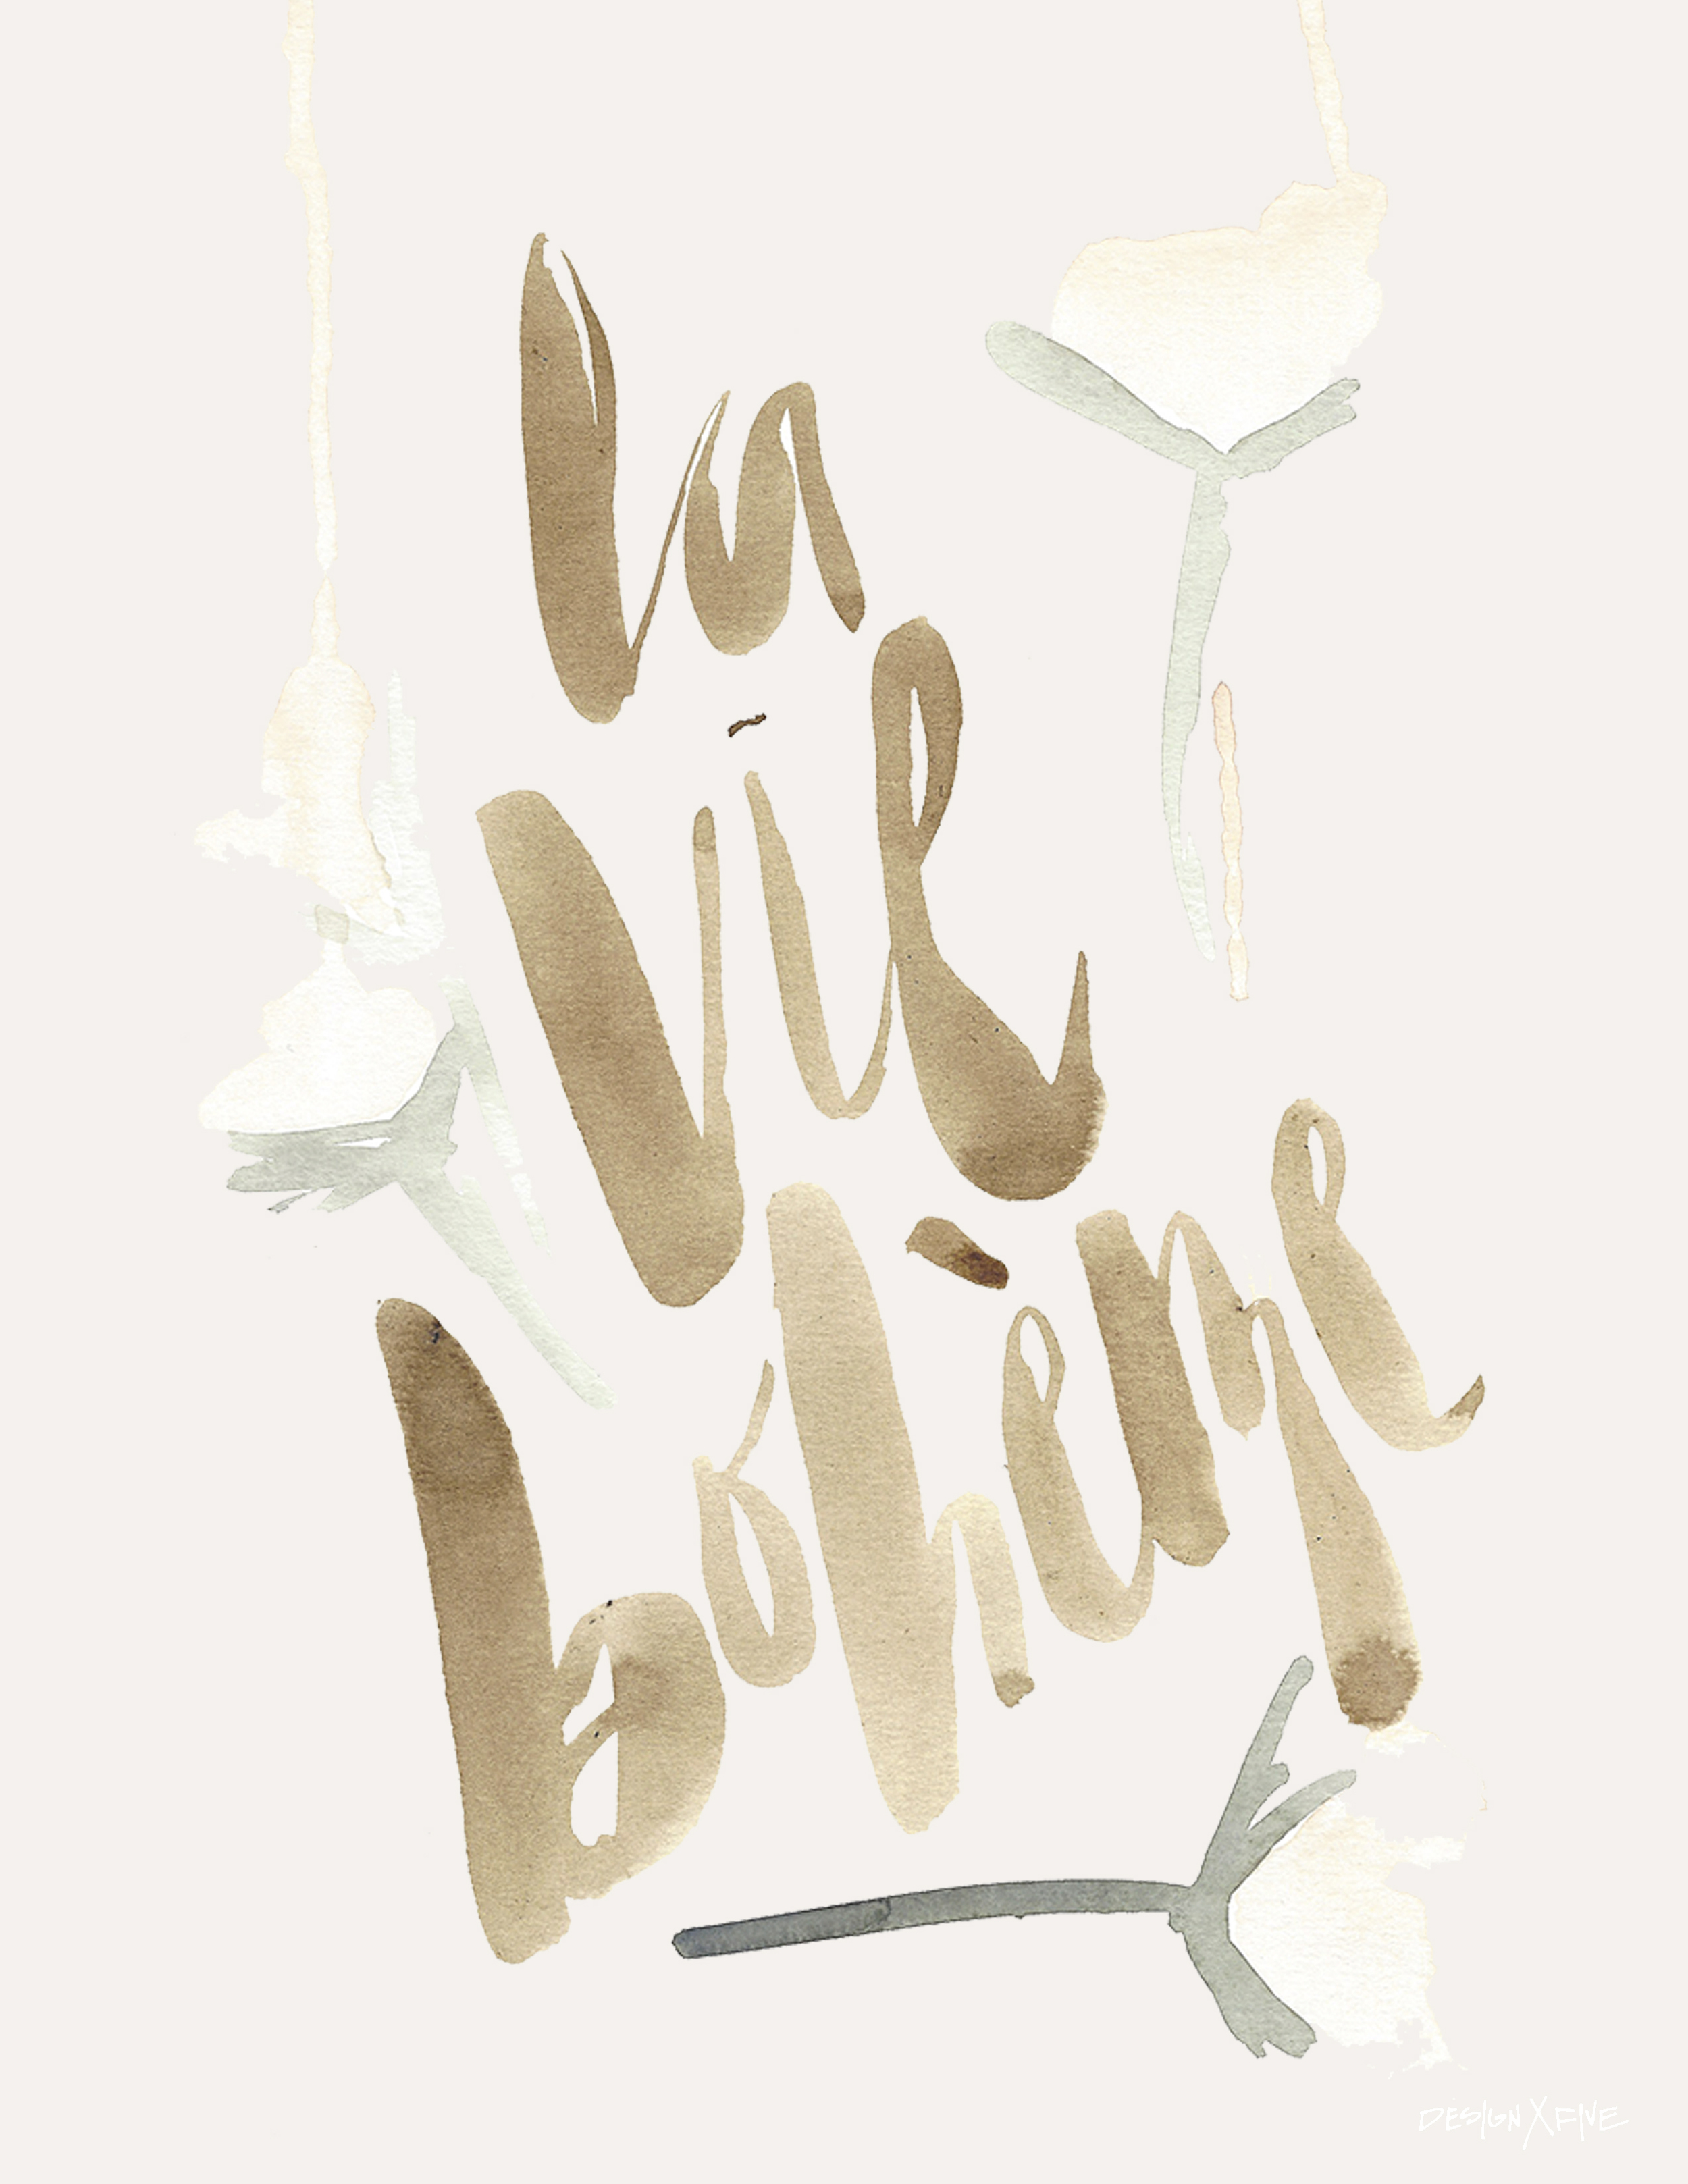 la-vie-boheme-design-x-five-lettering-illustration